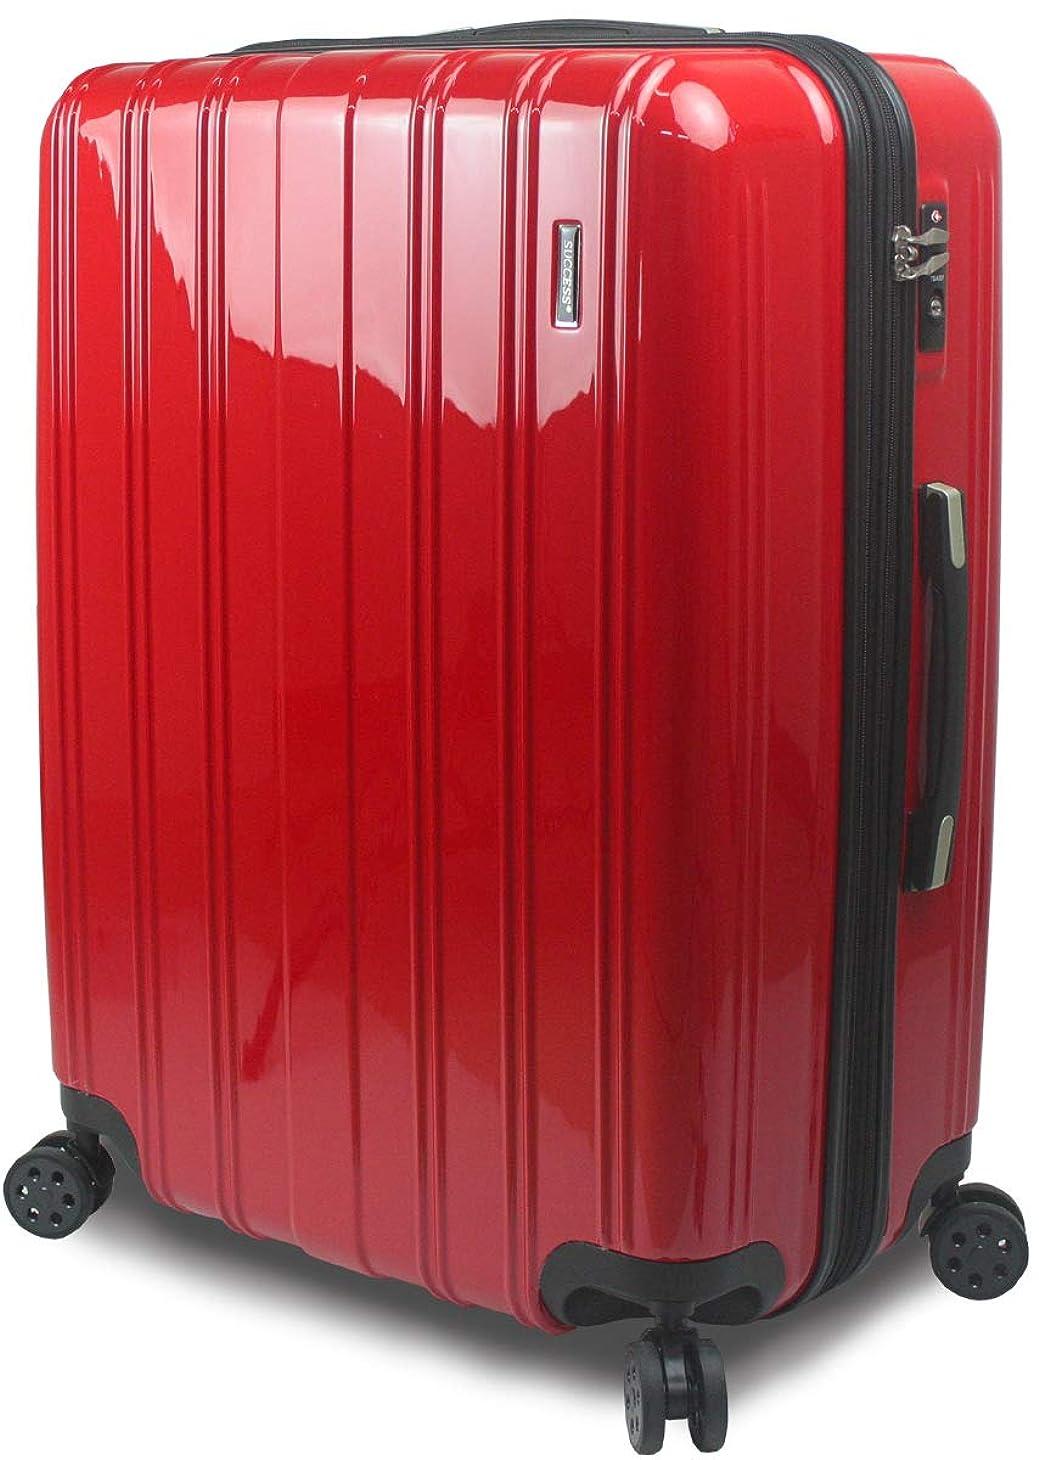 賭け意外みぞれ[サクセス] スーツケース 超軽量 TSAロック 搭載 レグノライト2020~ 大型 Lサイズ ミラー加工 超軽量 ダブルファスナー